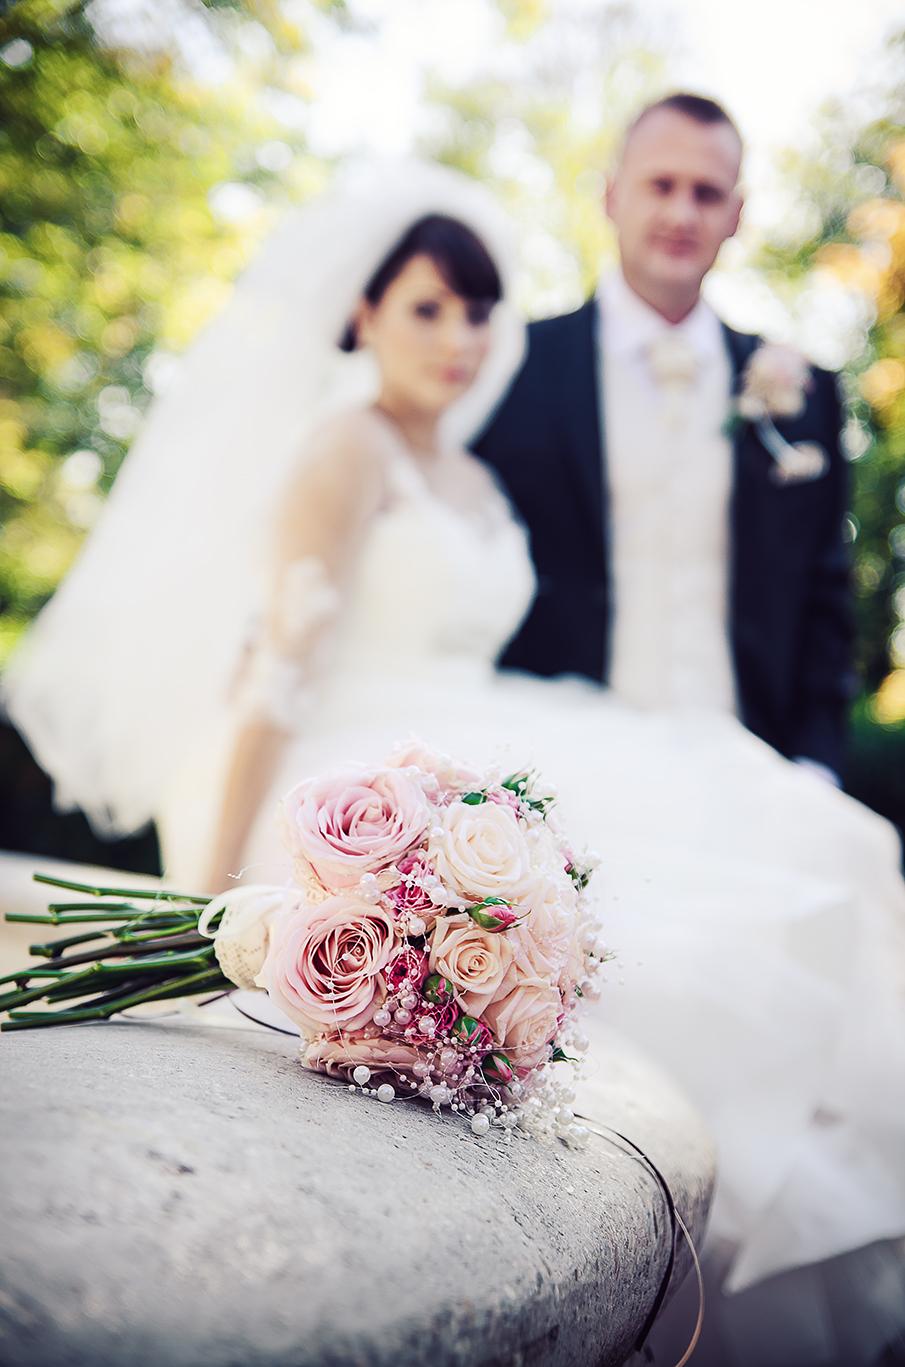 nevesta, ženích, oblek, šaty, kytica, závoj, láska, príroda, fontána, park, love, wedding dress, Bratislava, Trenčín, Žilina, Liptov, fotograf, kameraman, svadobné video, romantika